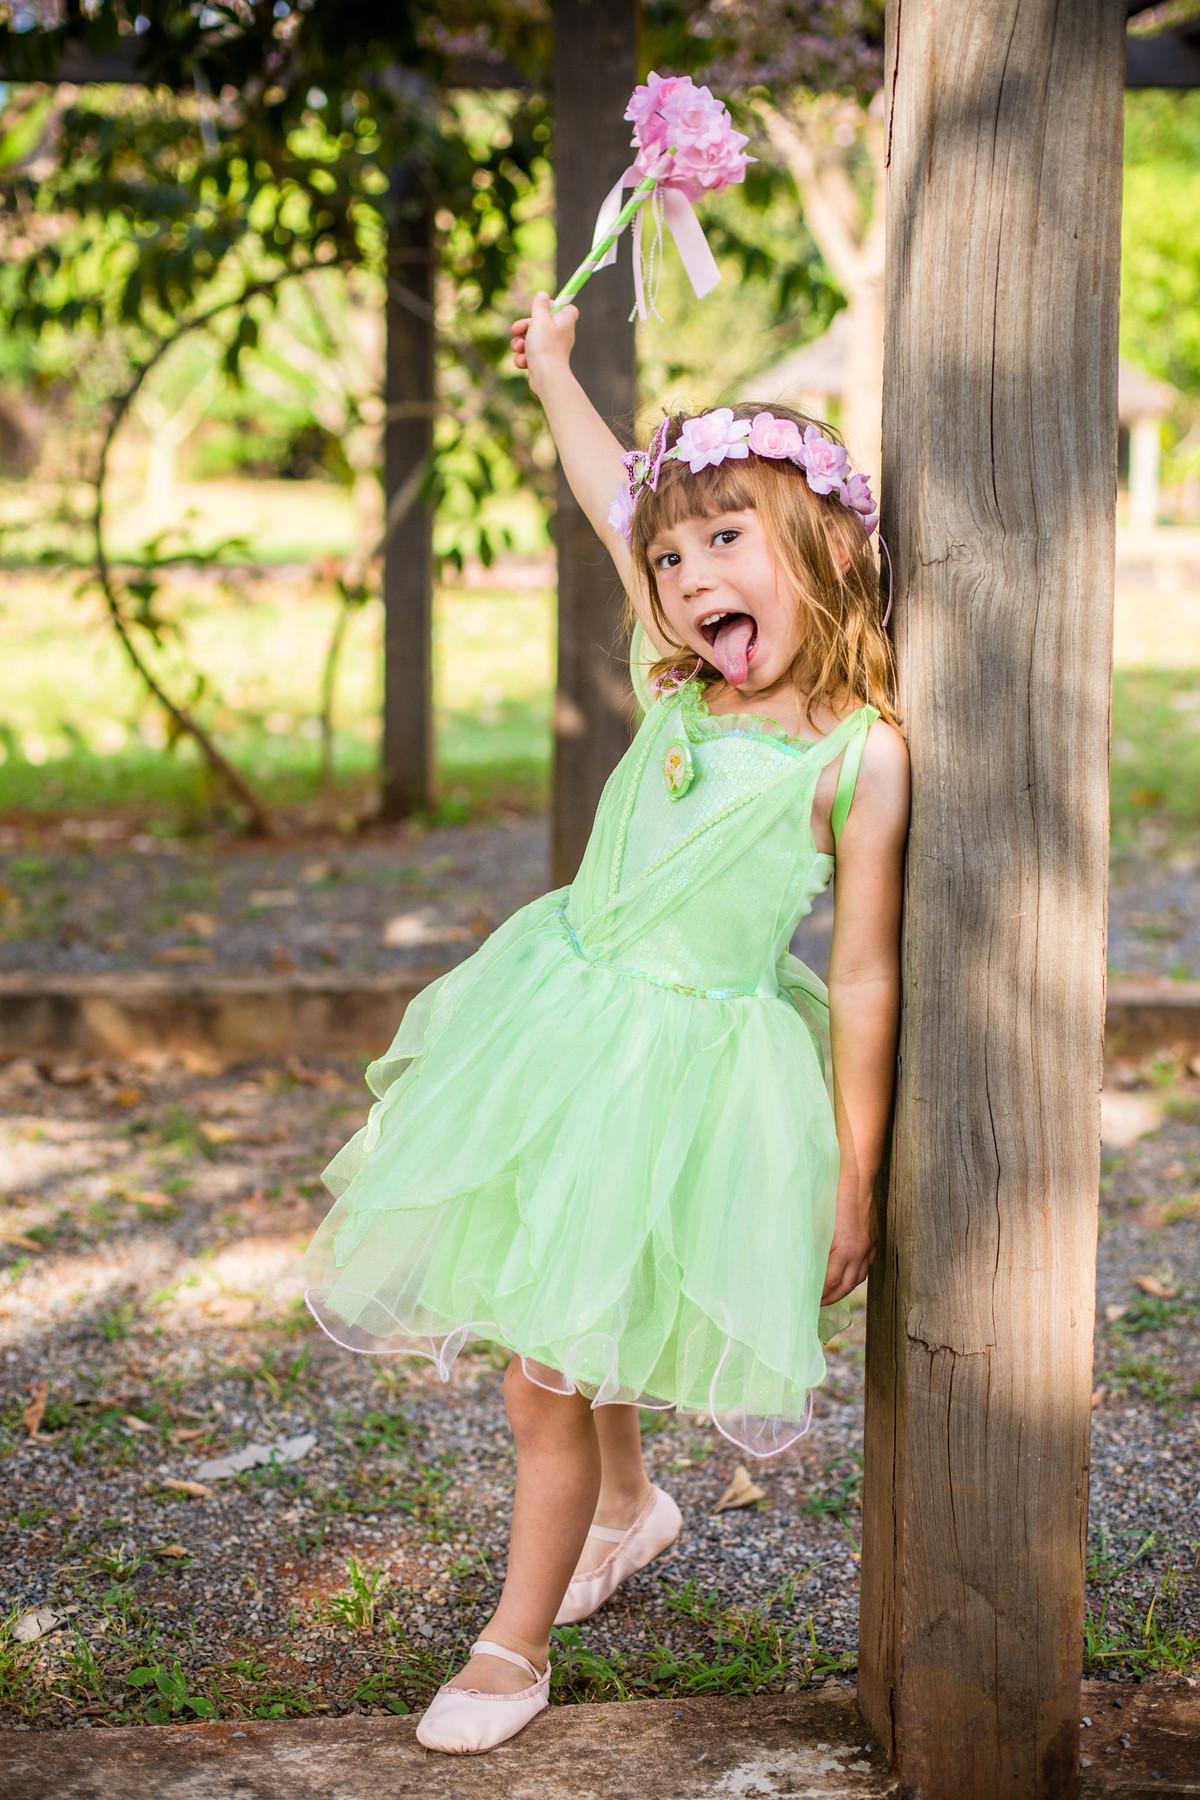 Ensaio temático infantil de Tinker Bell feito pelo fotógrafo de crianças Rafael Ohana em Brasilia-DF